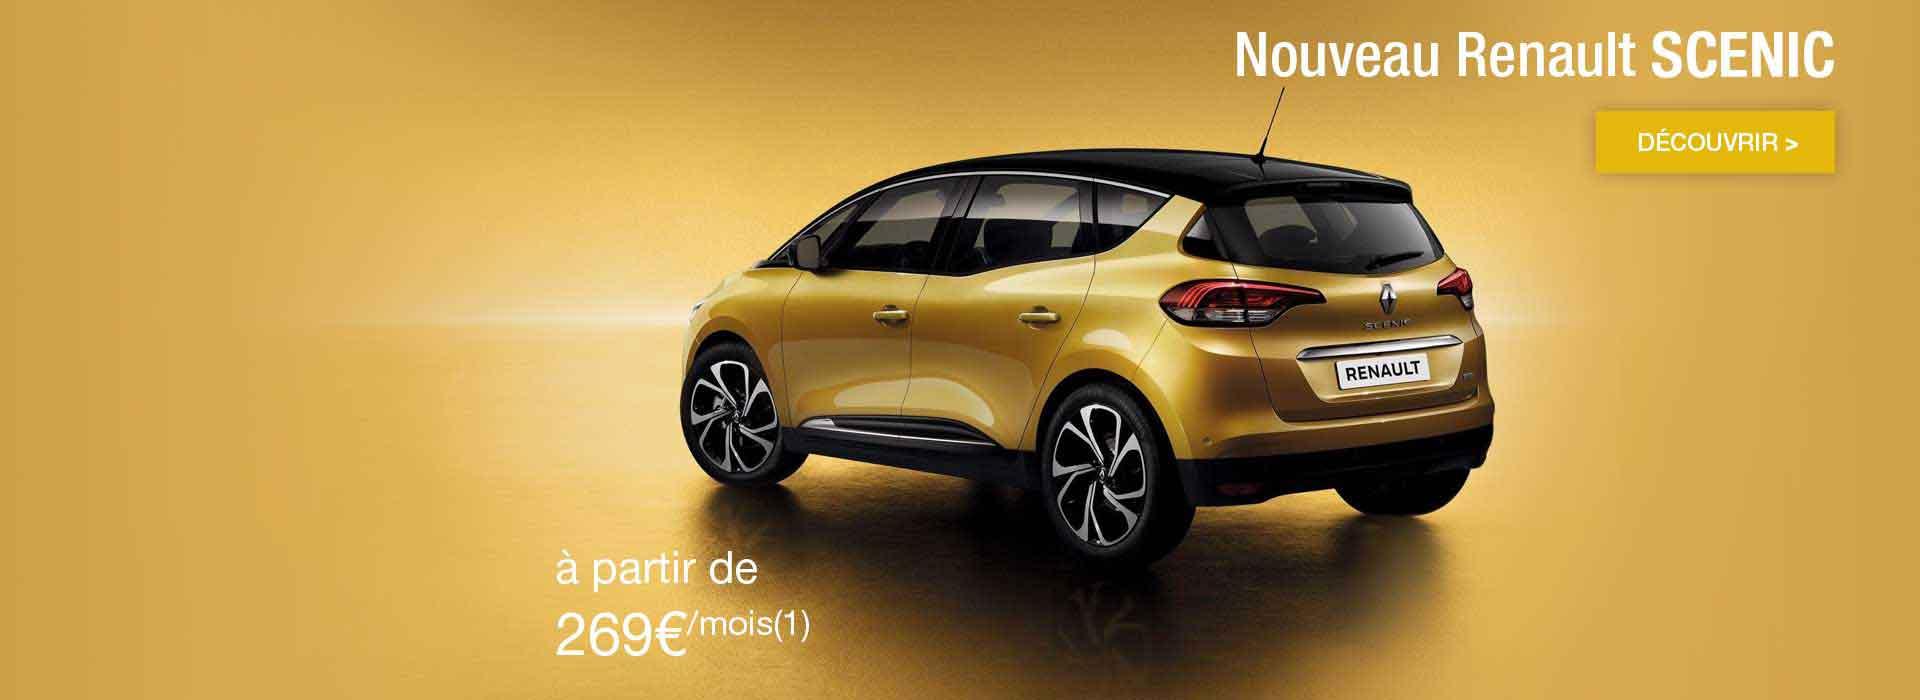 Nouveau Renault Scenic promotion